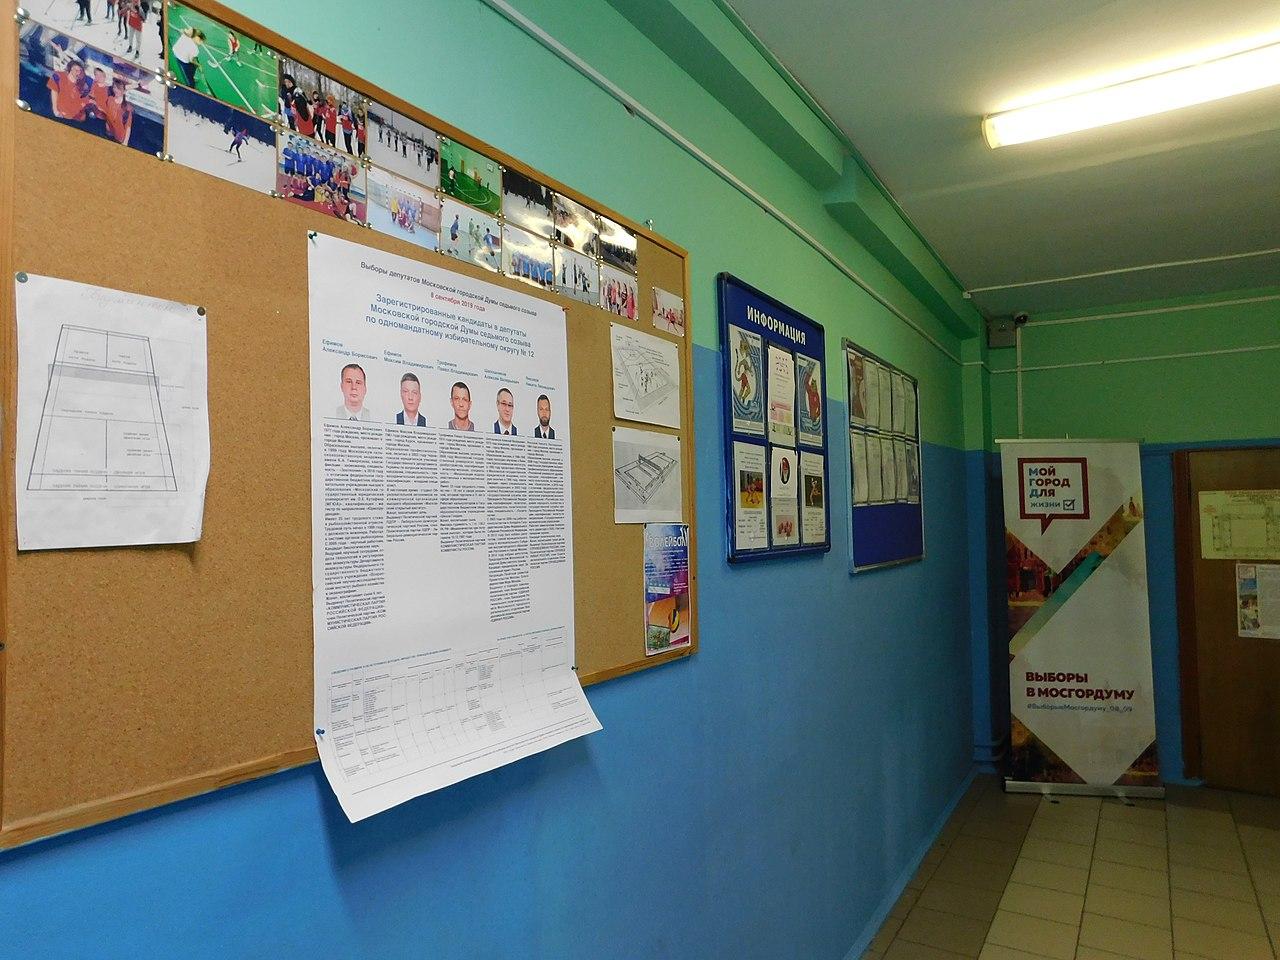 W wyborach lokalnych mieszkańcy Moskwy zagłosują elektronicznie